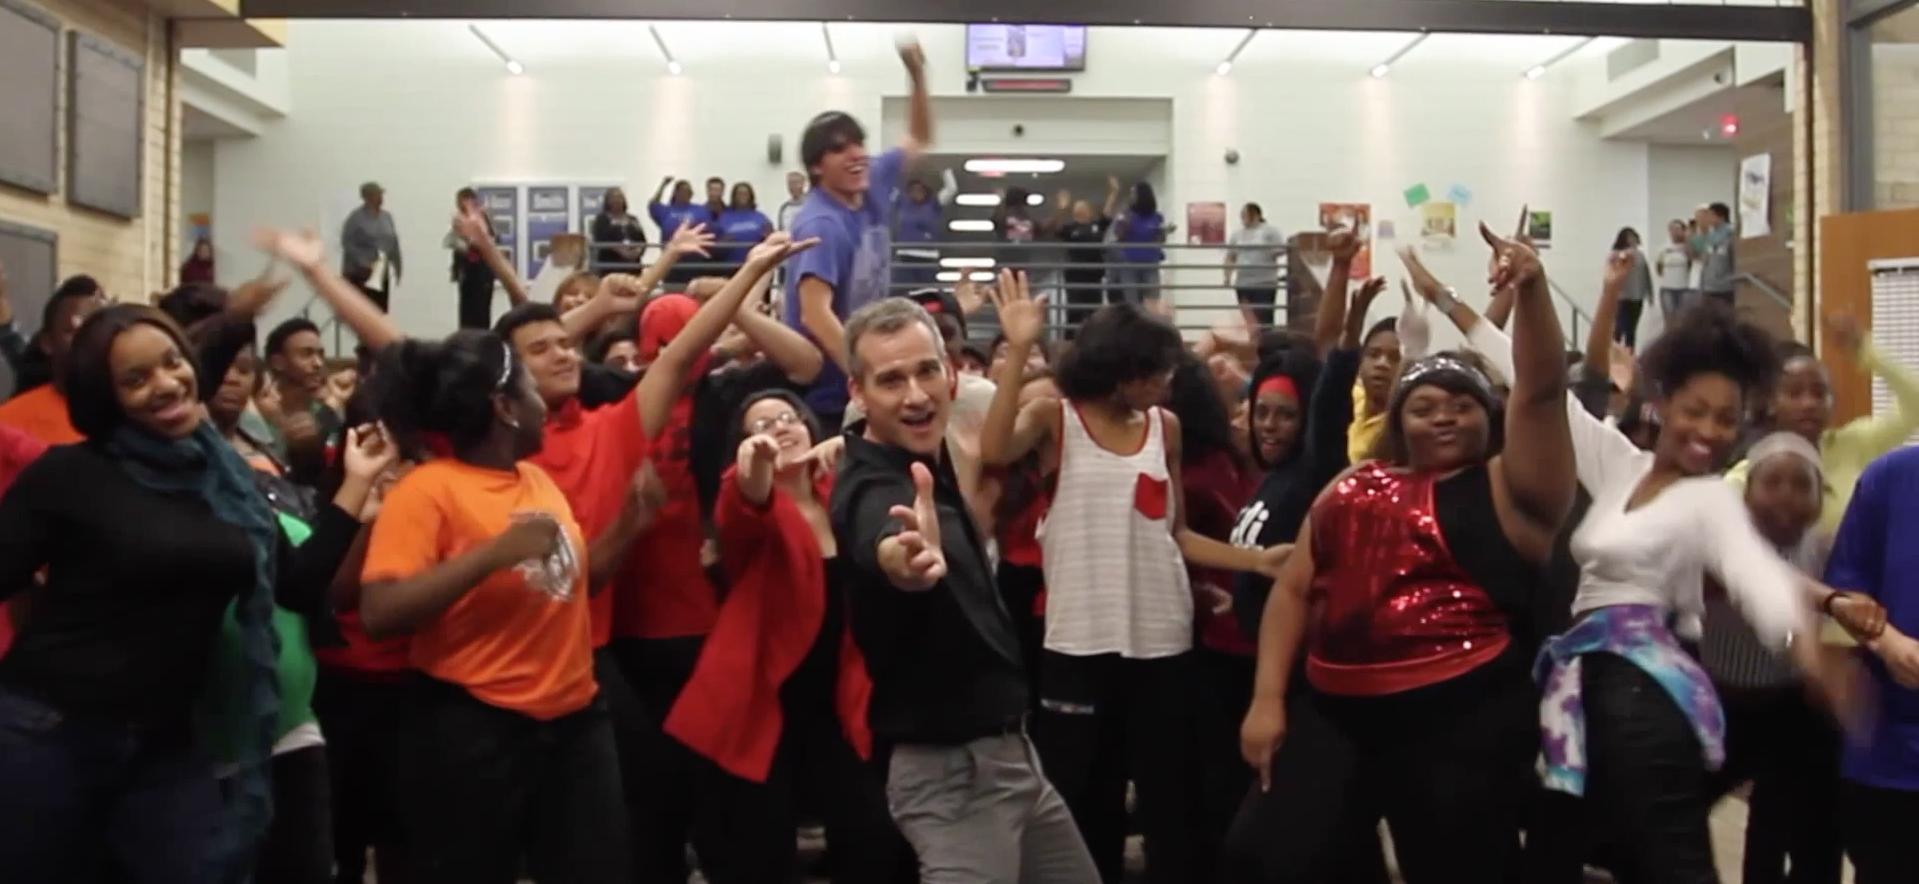 Maestro hace su propio video de 'Uptown Funk' con alumnos. Foto: Youtube/TrippyJV